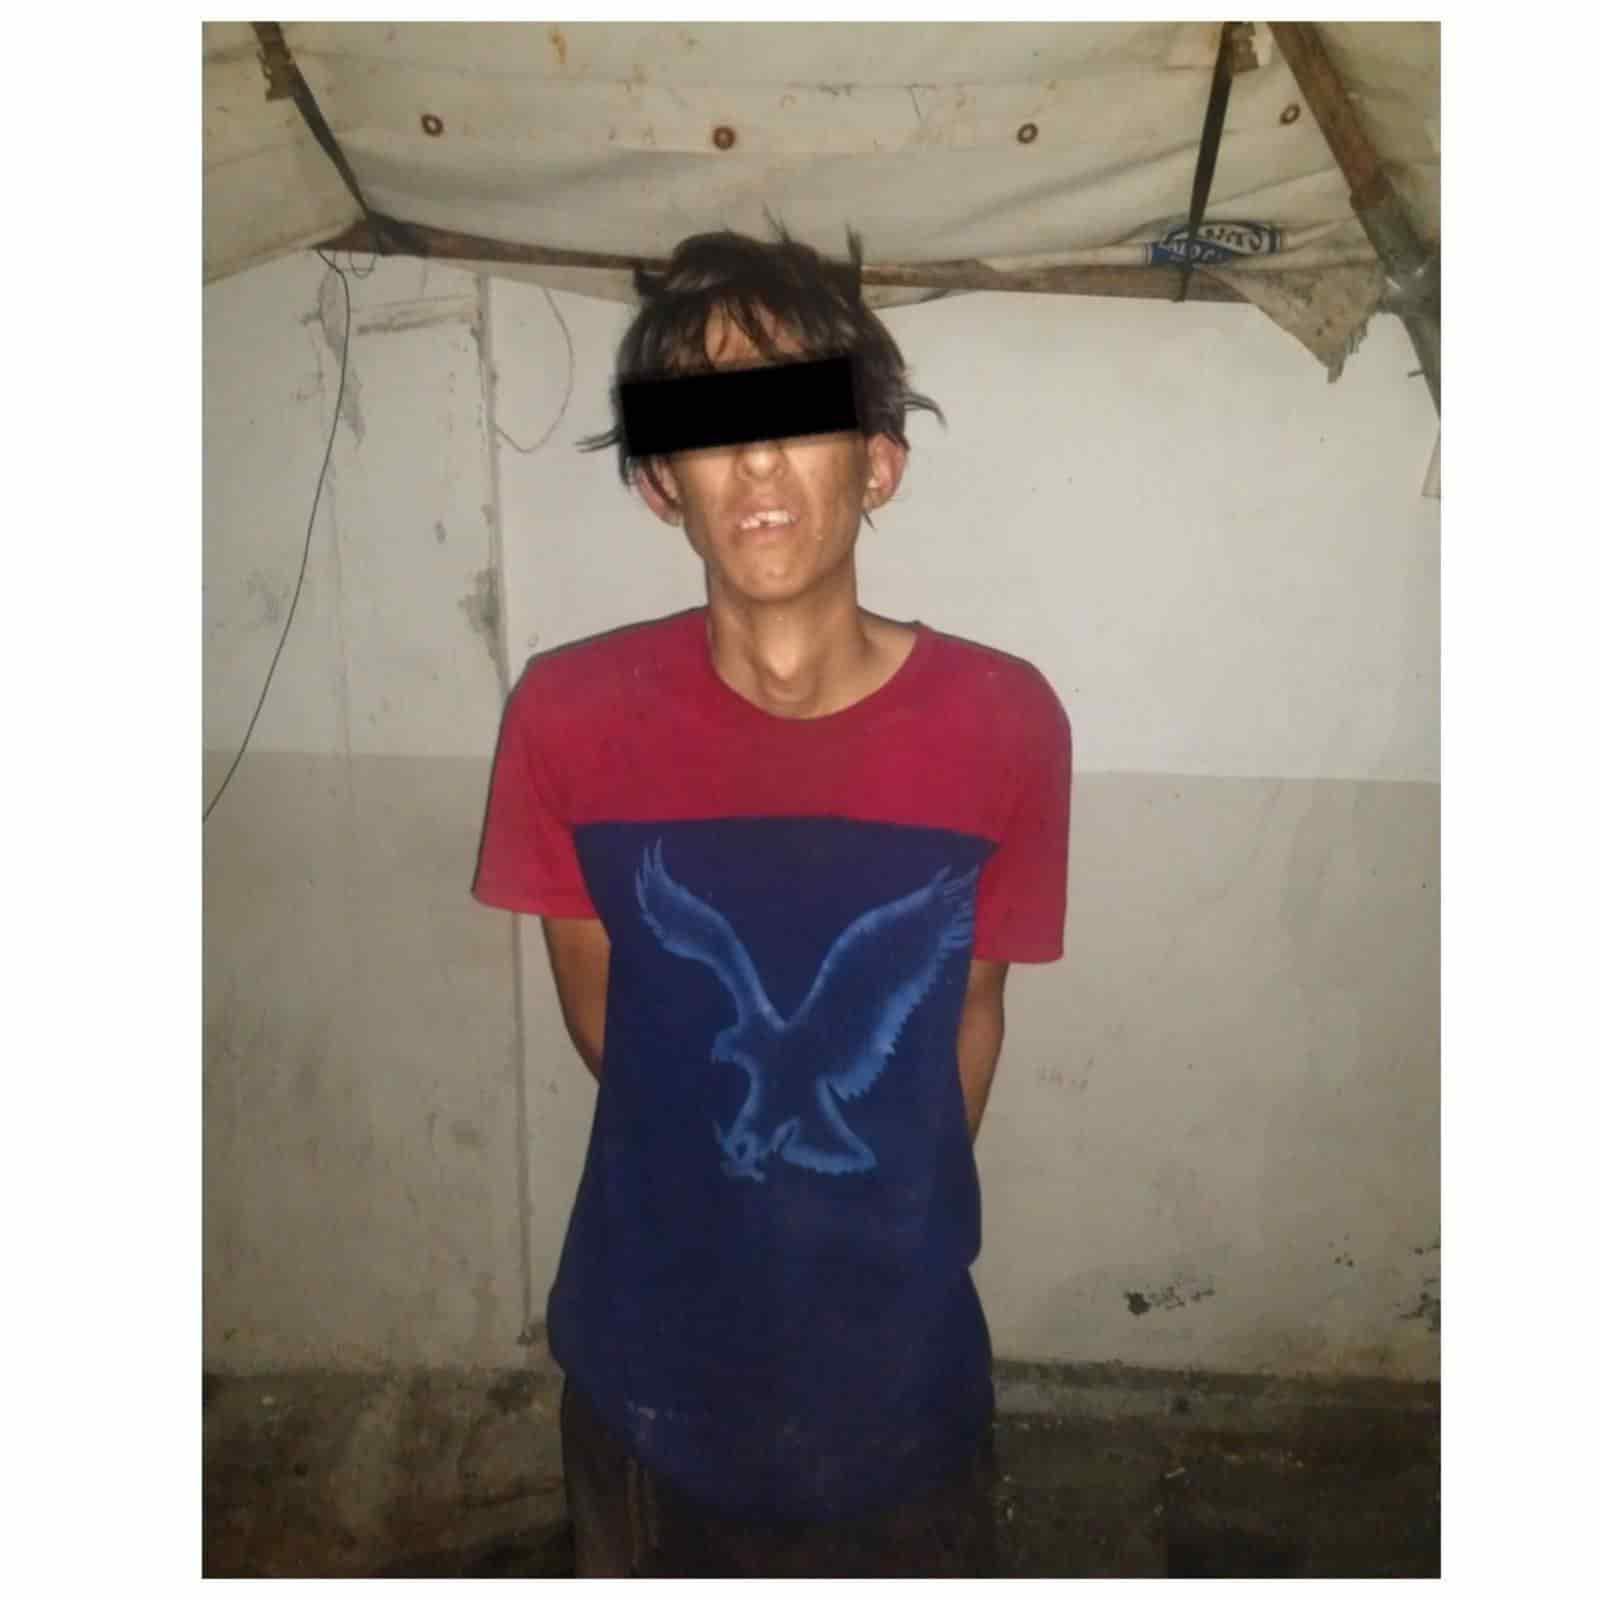 Después de cometer un robo en un plantel educativo, un joven fue detenido